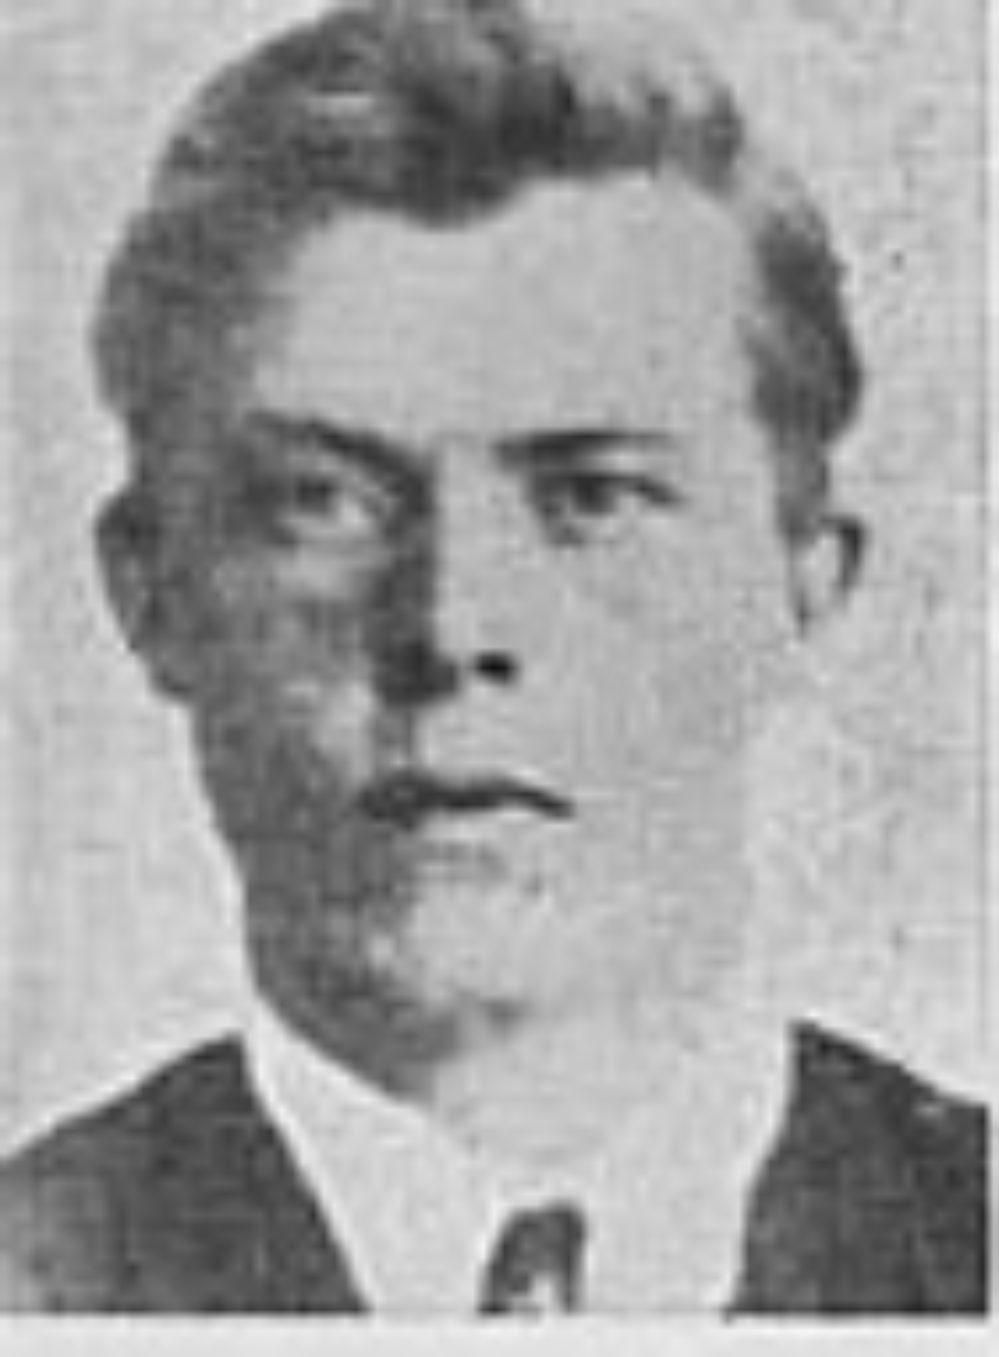 Arnt Thorbjørnsen